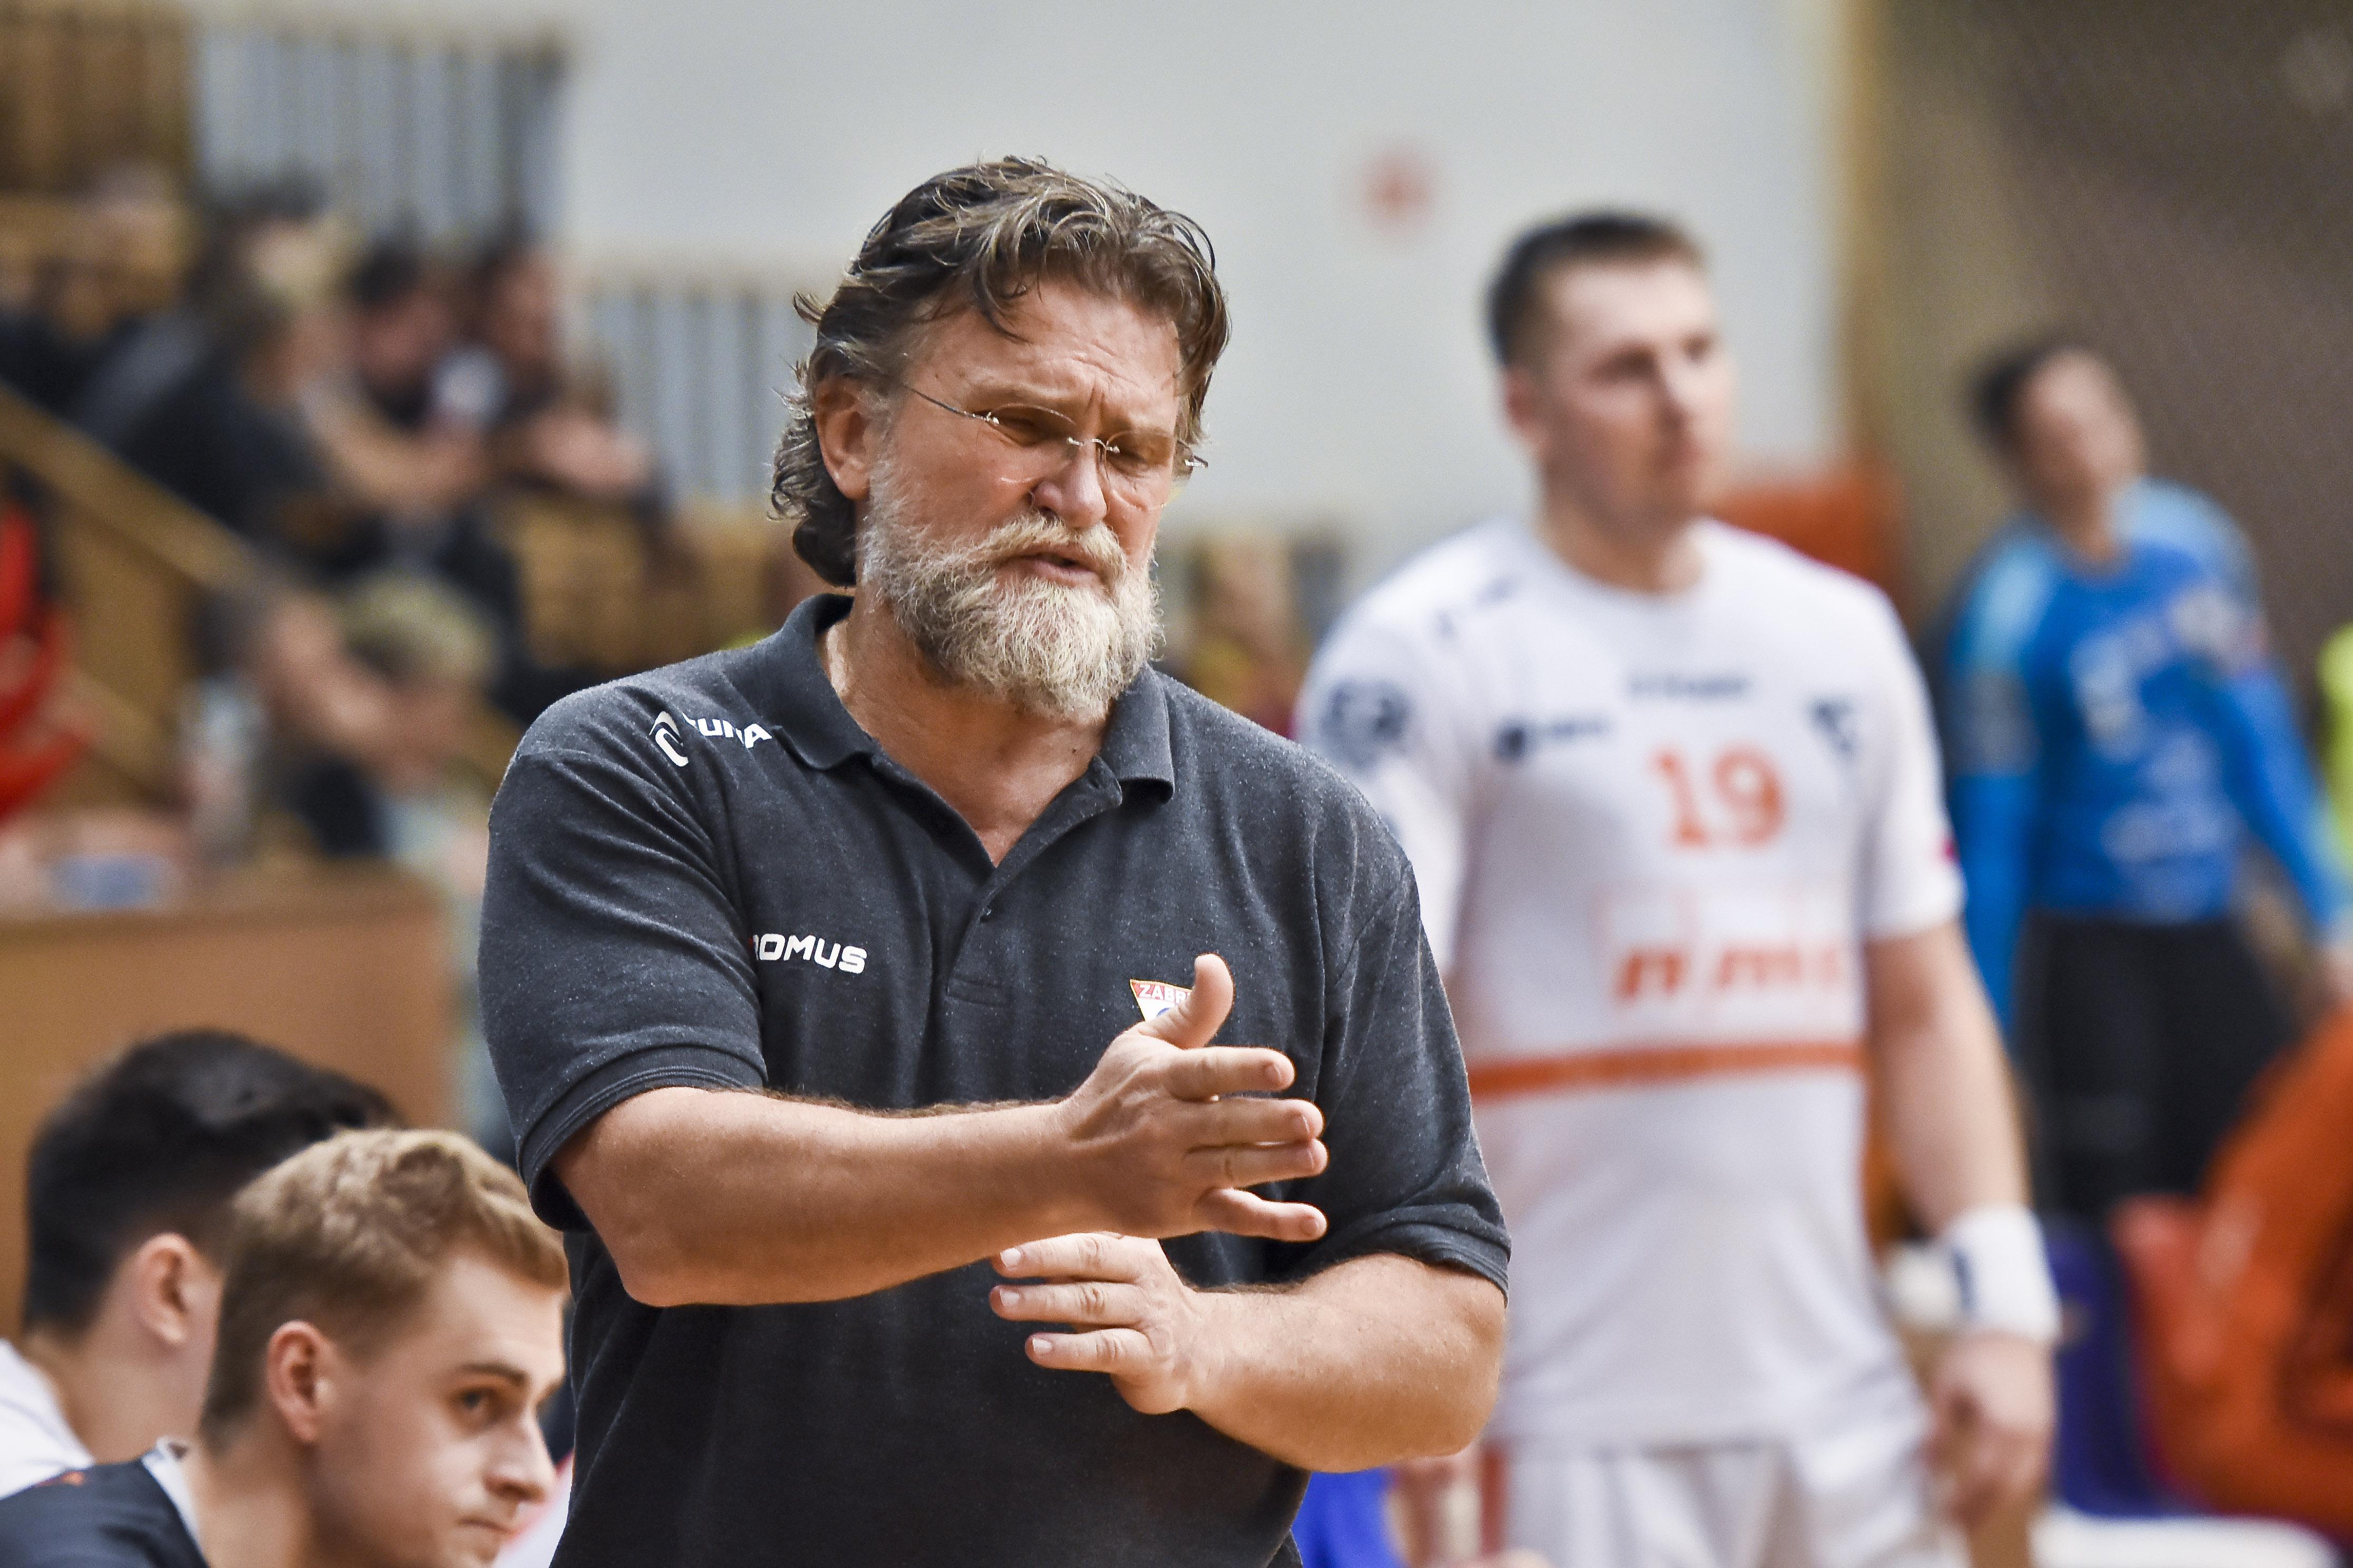 Trener Trtik w meczu NMC Górnik Zabrze - Zagłębie Lubin